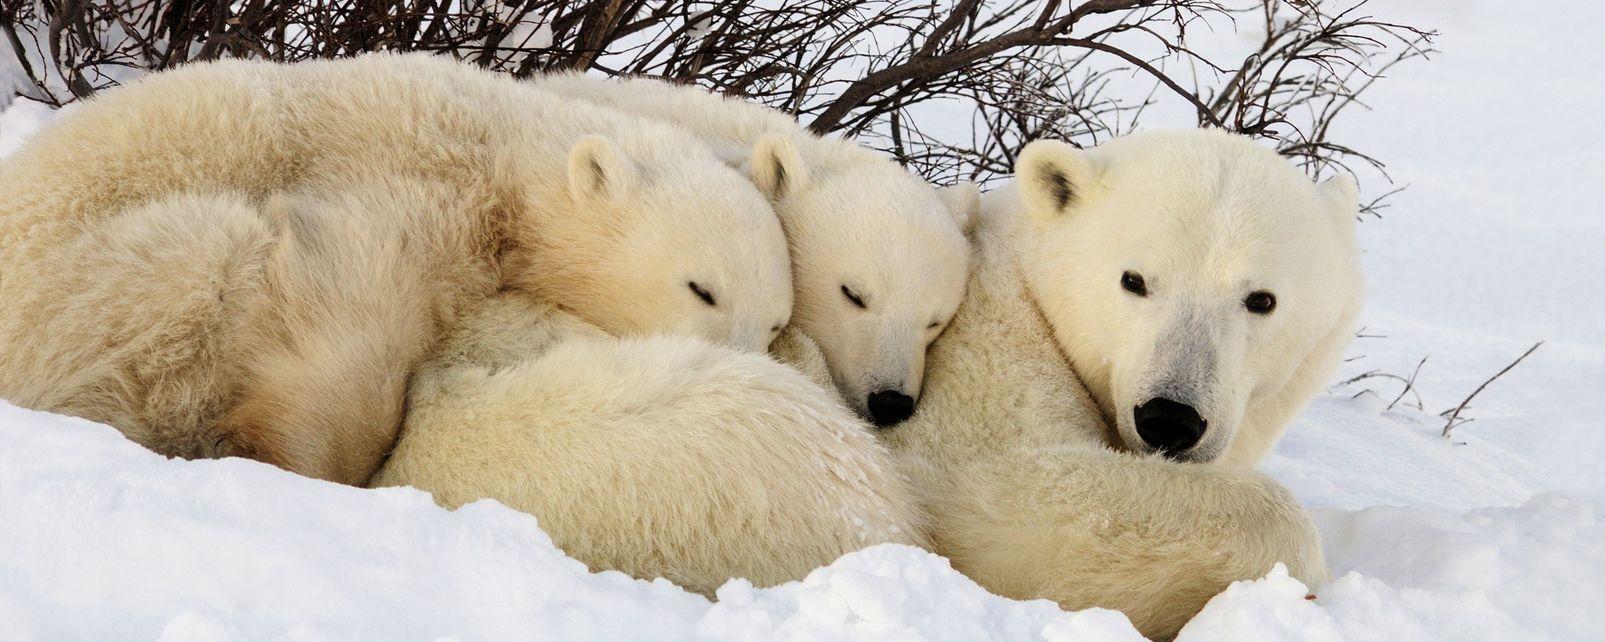 La faune et la flore, amerique , amerique du nord , canada , ontario , faune , mammifere , ours polaire , animal